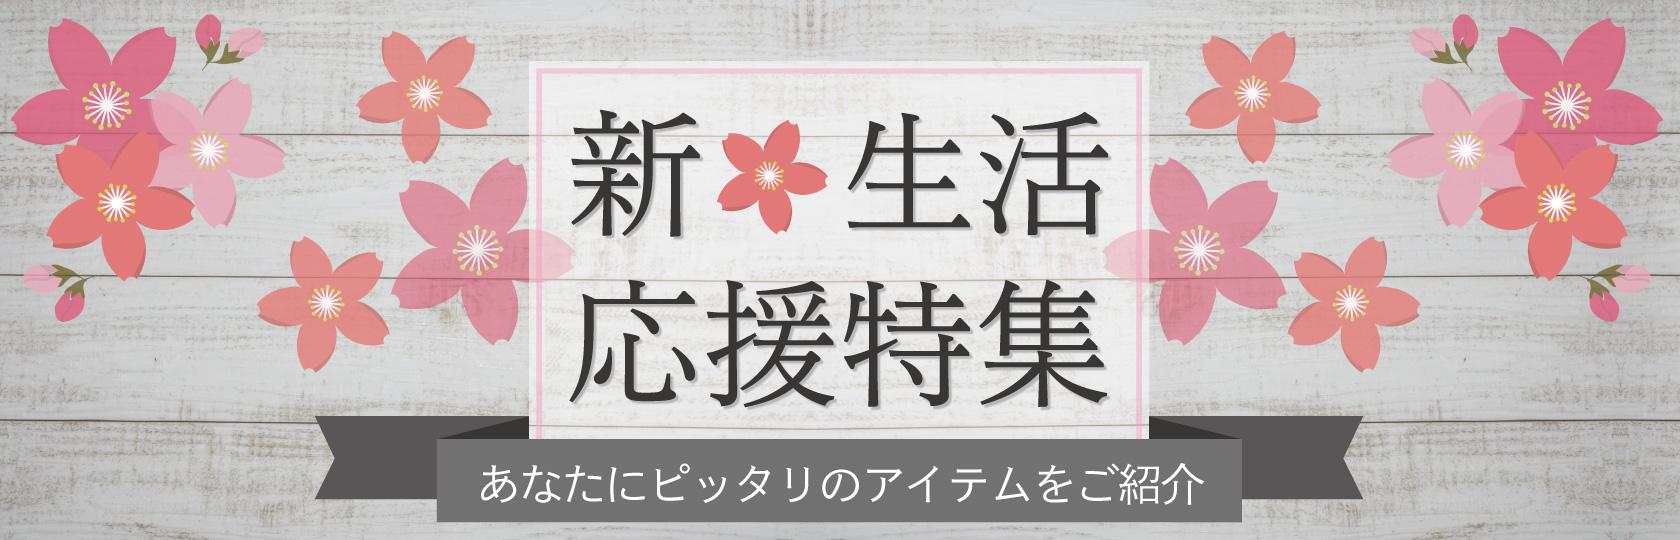 新生活,新学期,入学 新生活応援特集|ATSUGI ONLINE SHOP